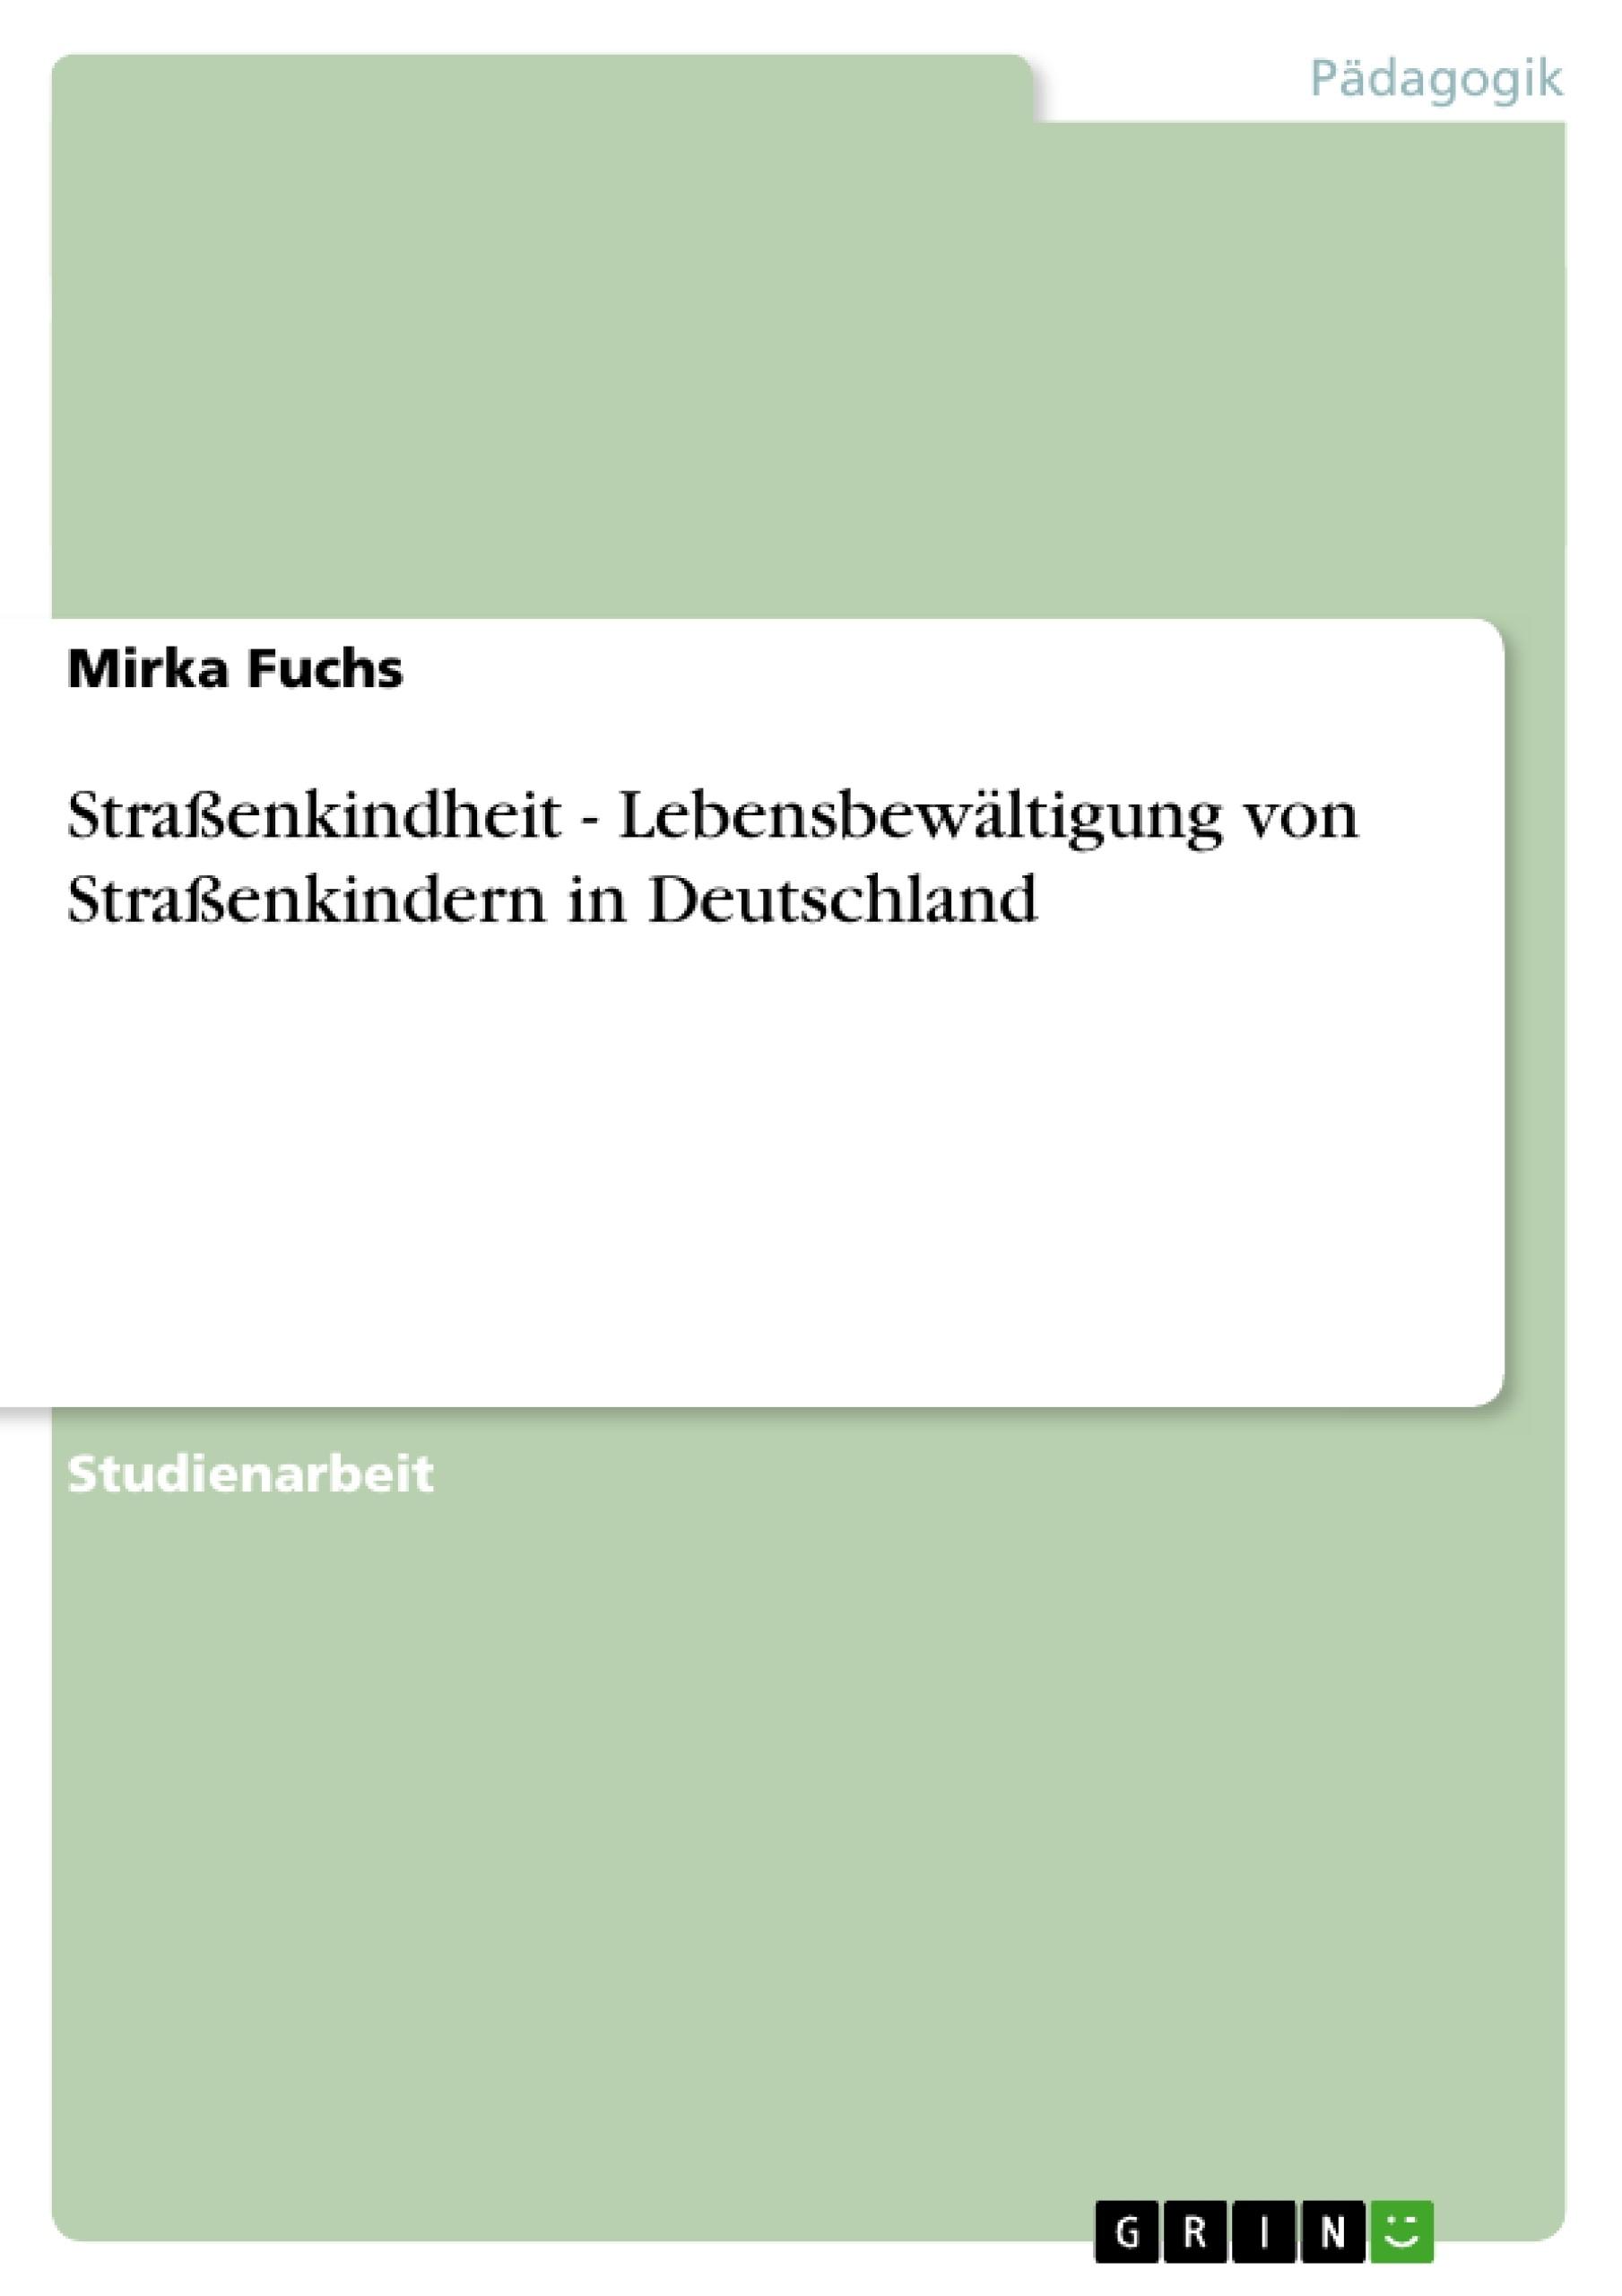 Titel: Straßenkindheit - Lebensbewältigung von Straßenkindern in Deutschland